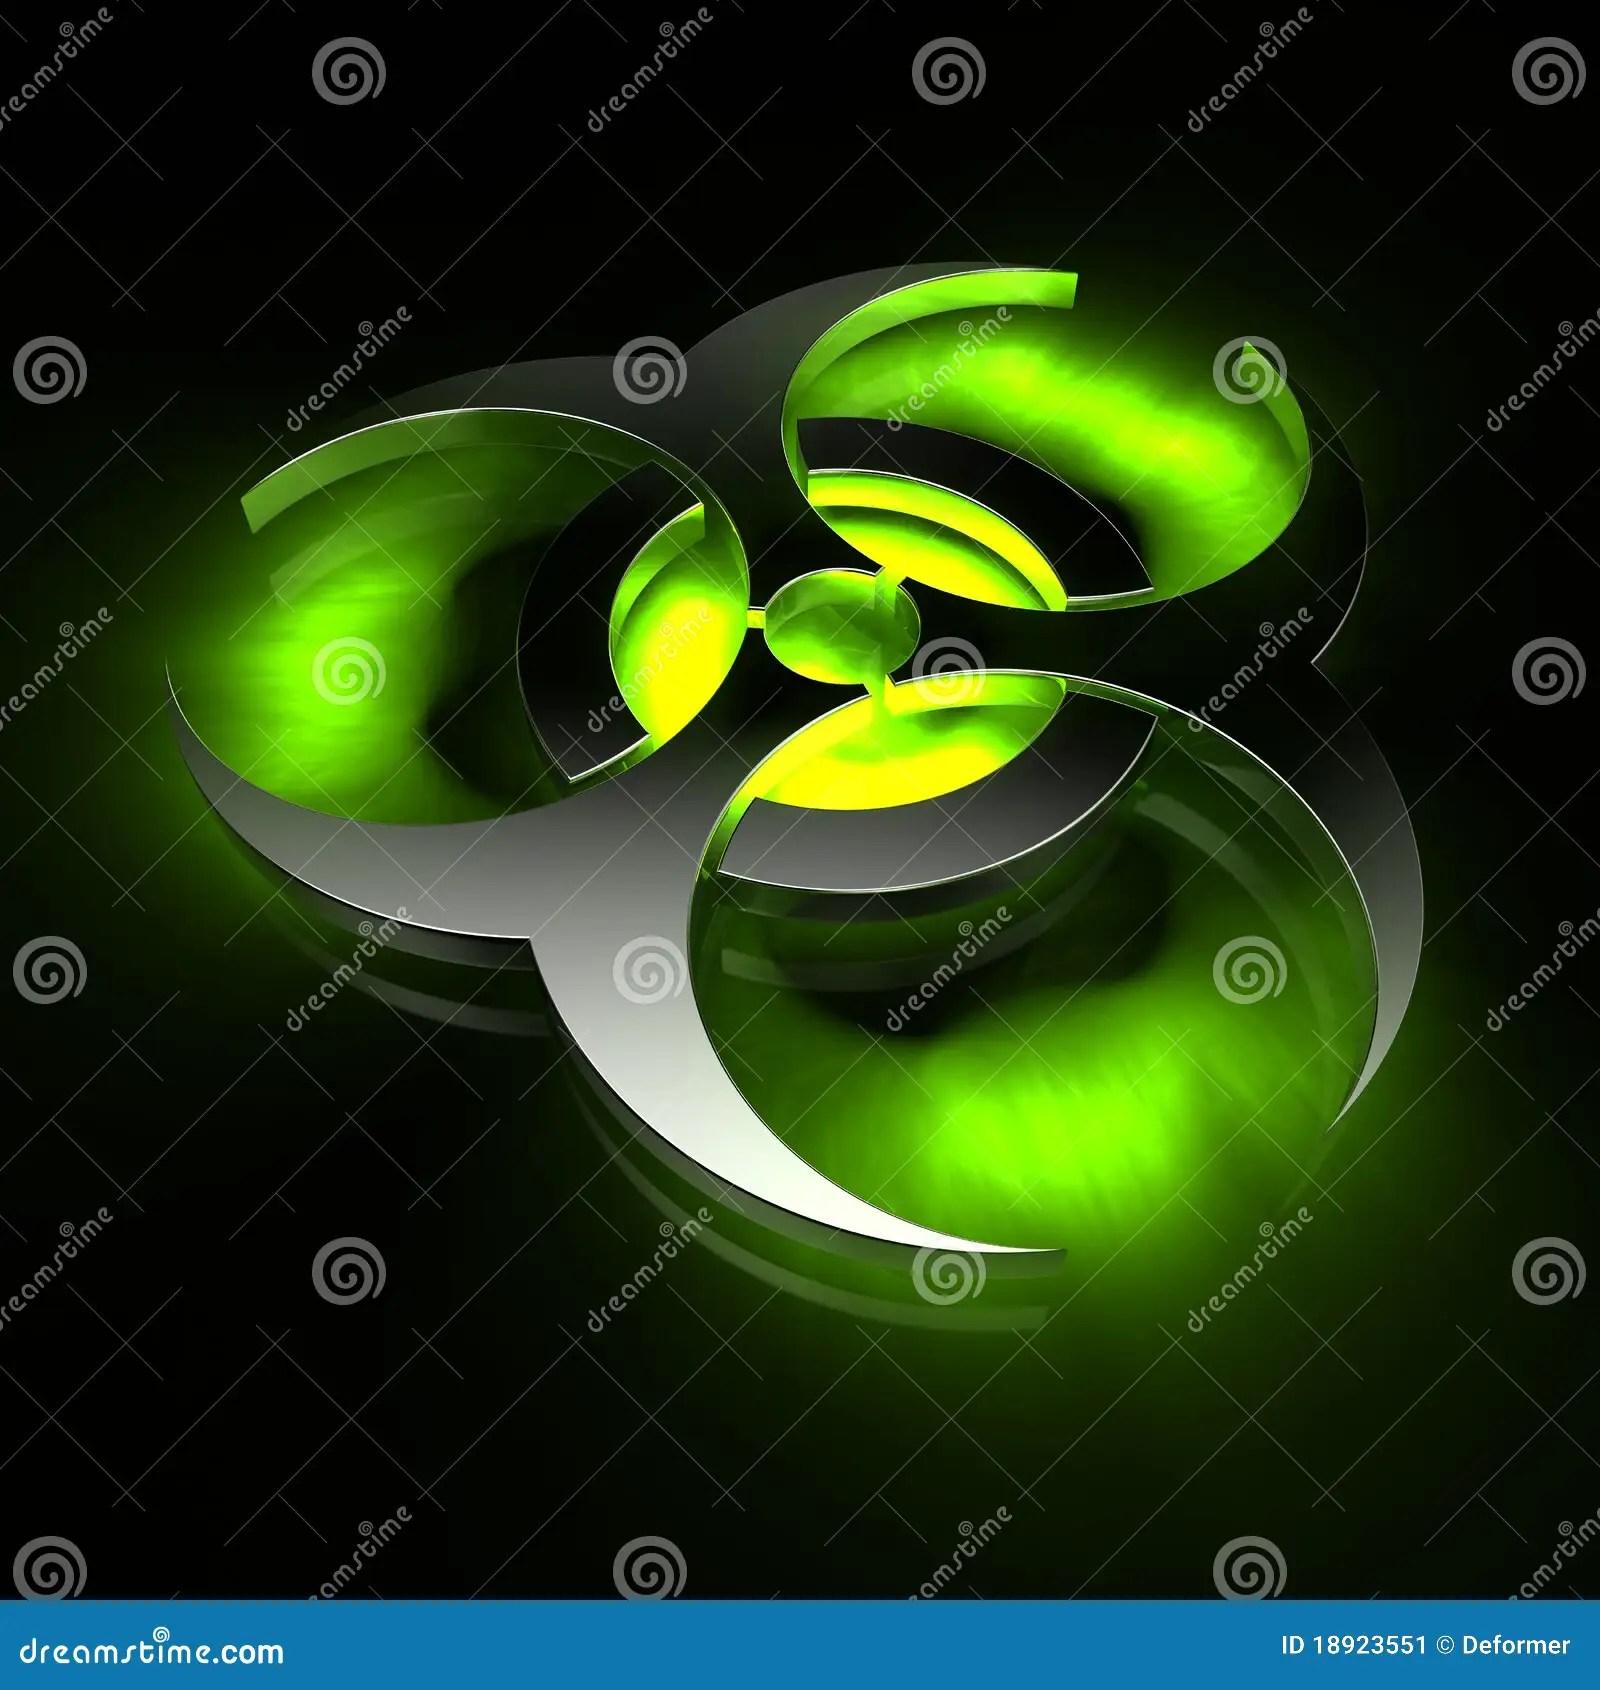 Danger 3d Wallpaper Biohazard Green Stock Illustration Image Of